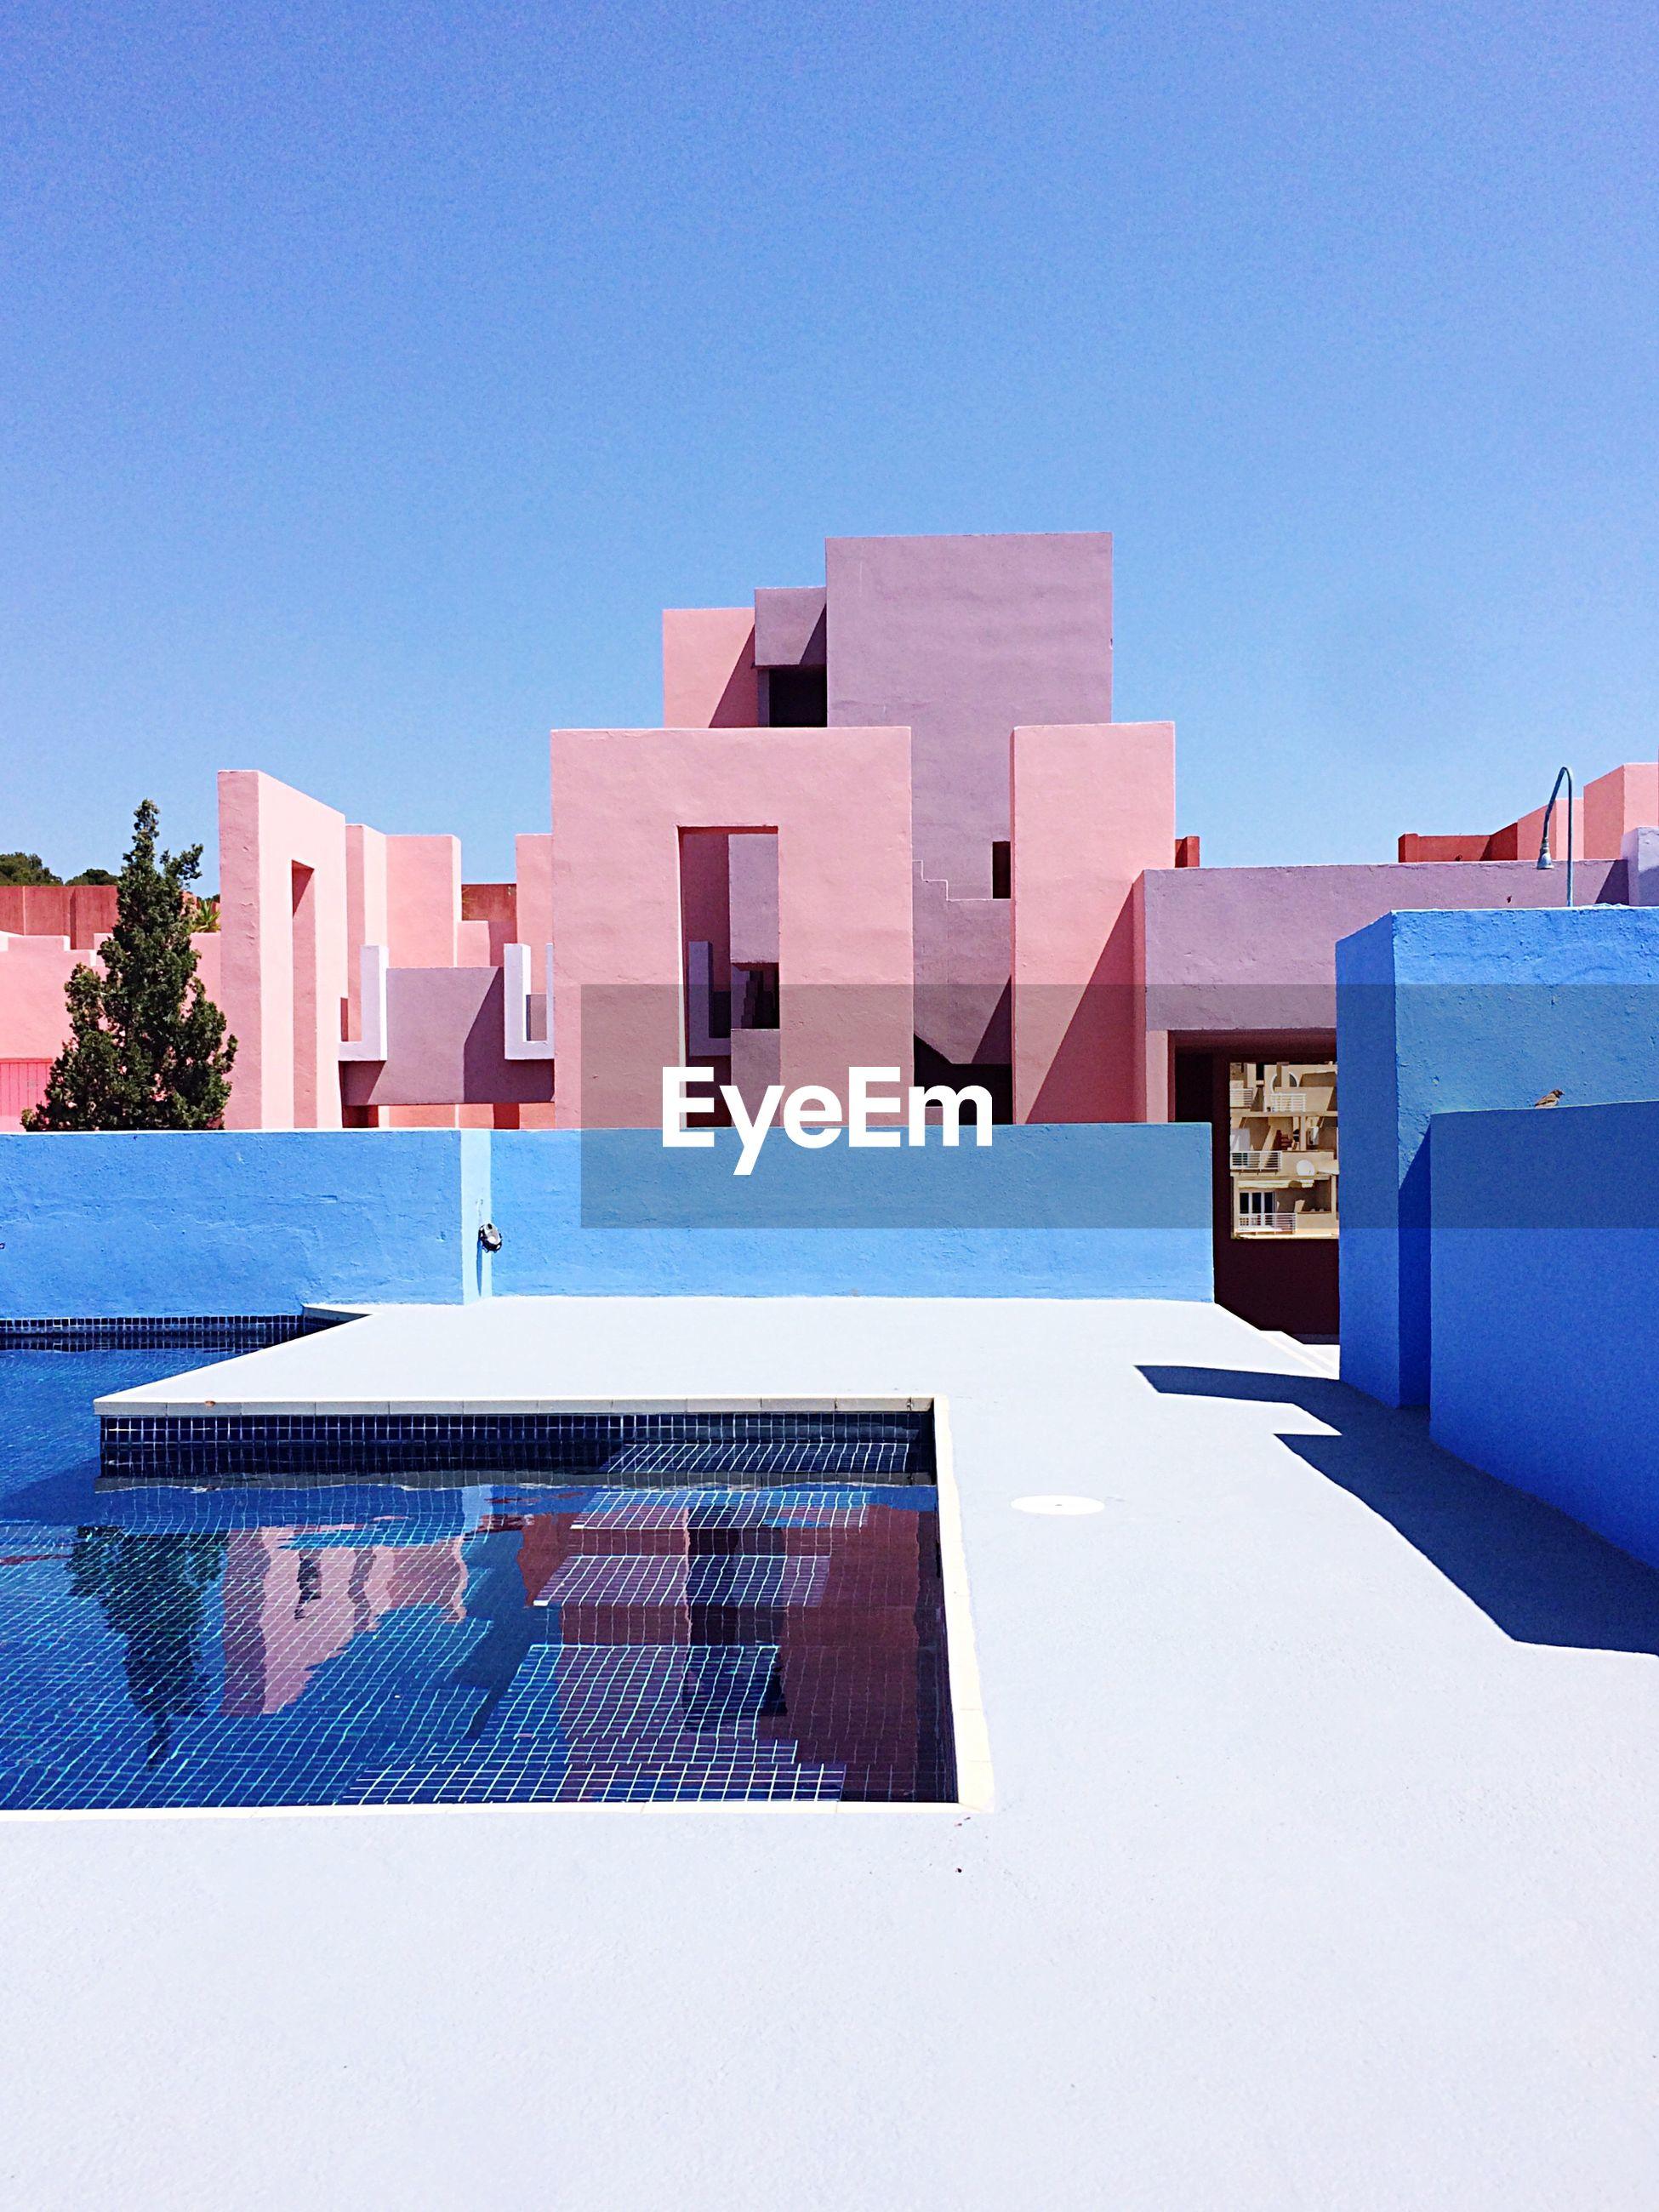 HOUSES AGAINST BLUE SKY